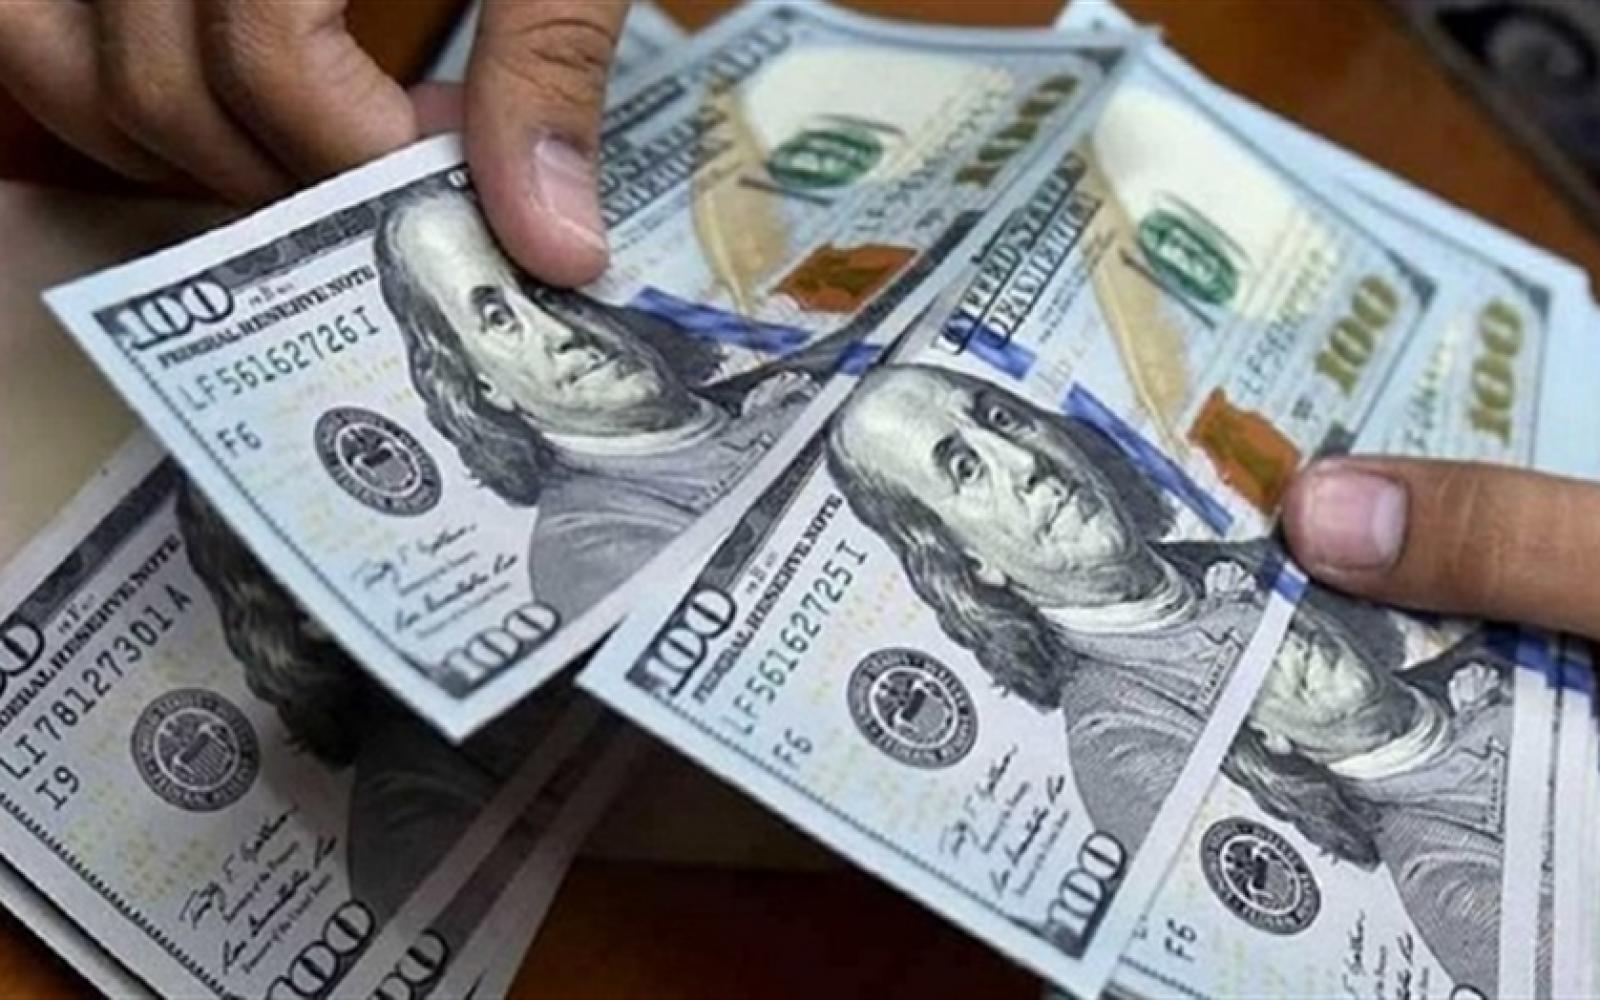 Las nuevas medidas benefician a quienes cuenten con los dólares en la mano